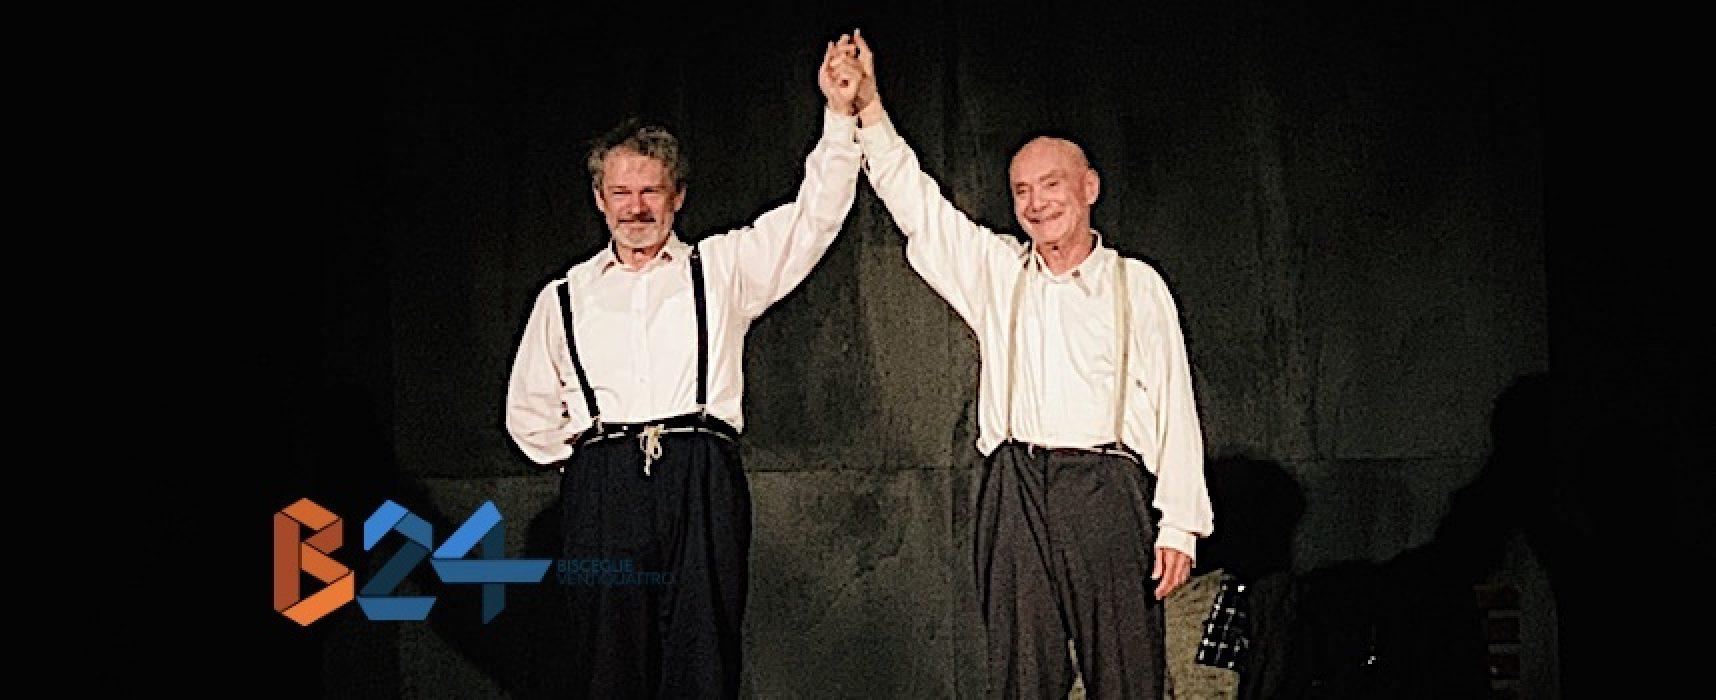 Vetrano e Randisi portano a Bisceglie i Totò e Vicé di Scaldati, angeli appesantiti dal ventre